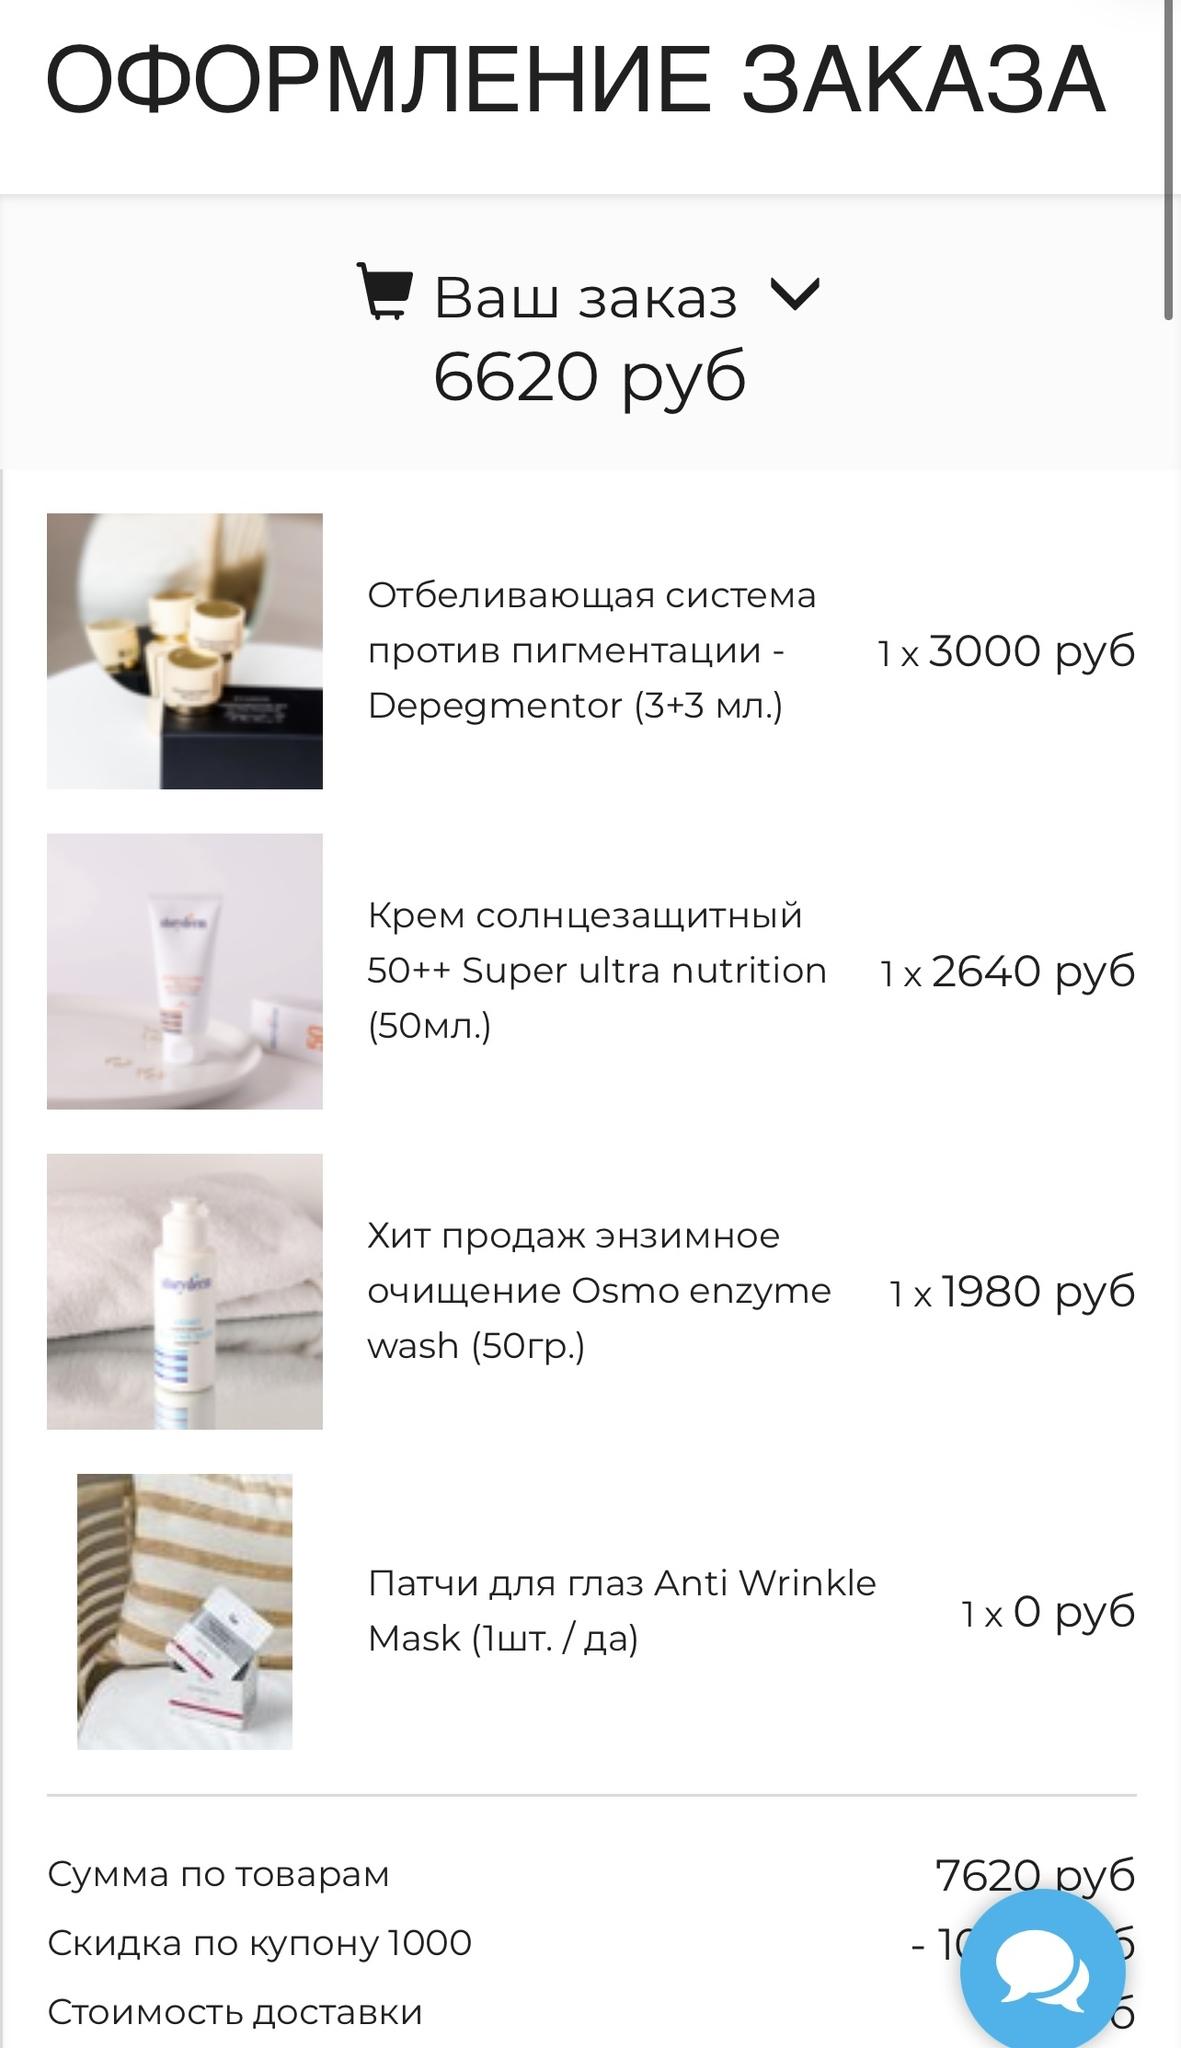 Заказ для Милы сет против пигментации 3 продукта